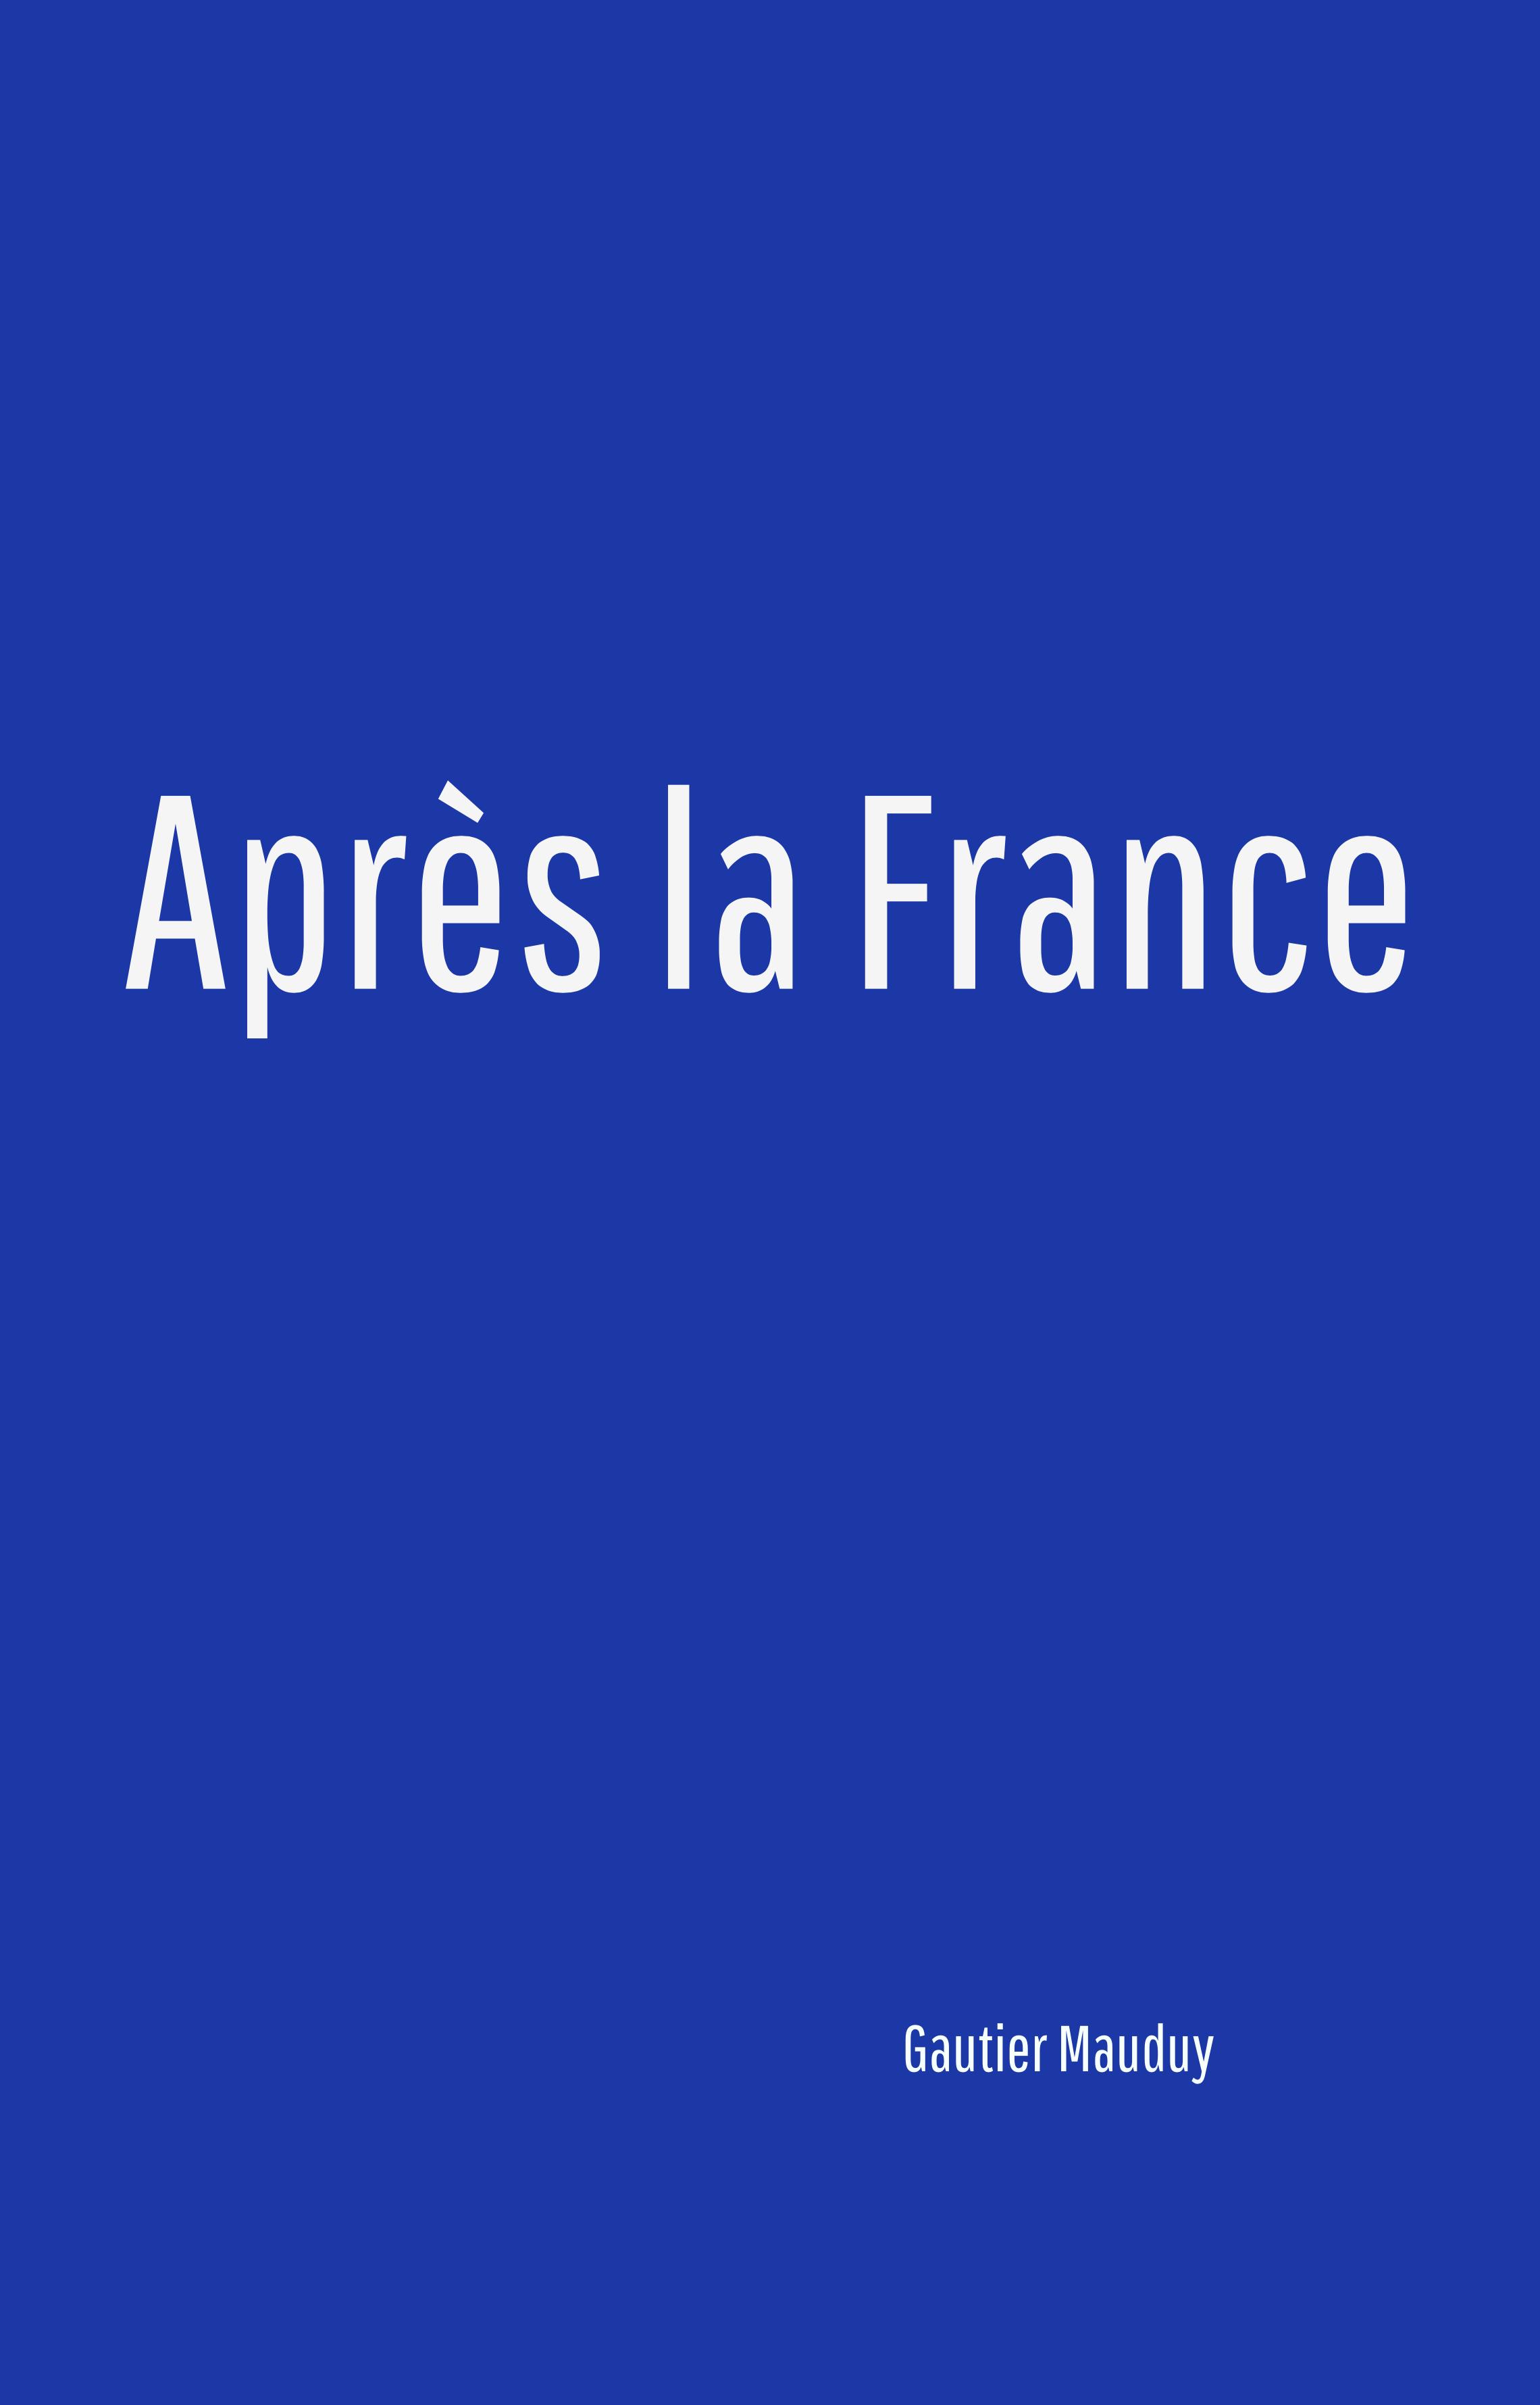 APRES LA FRANCE